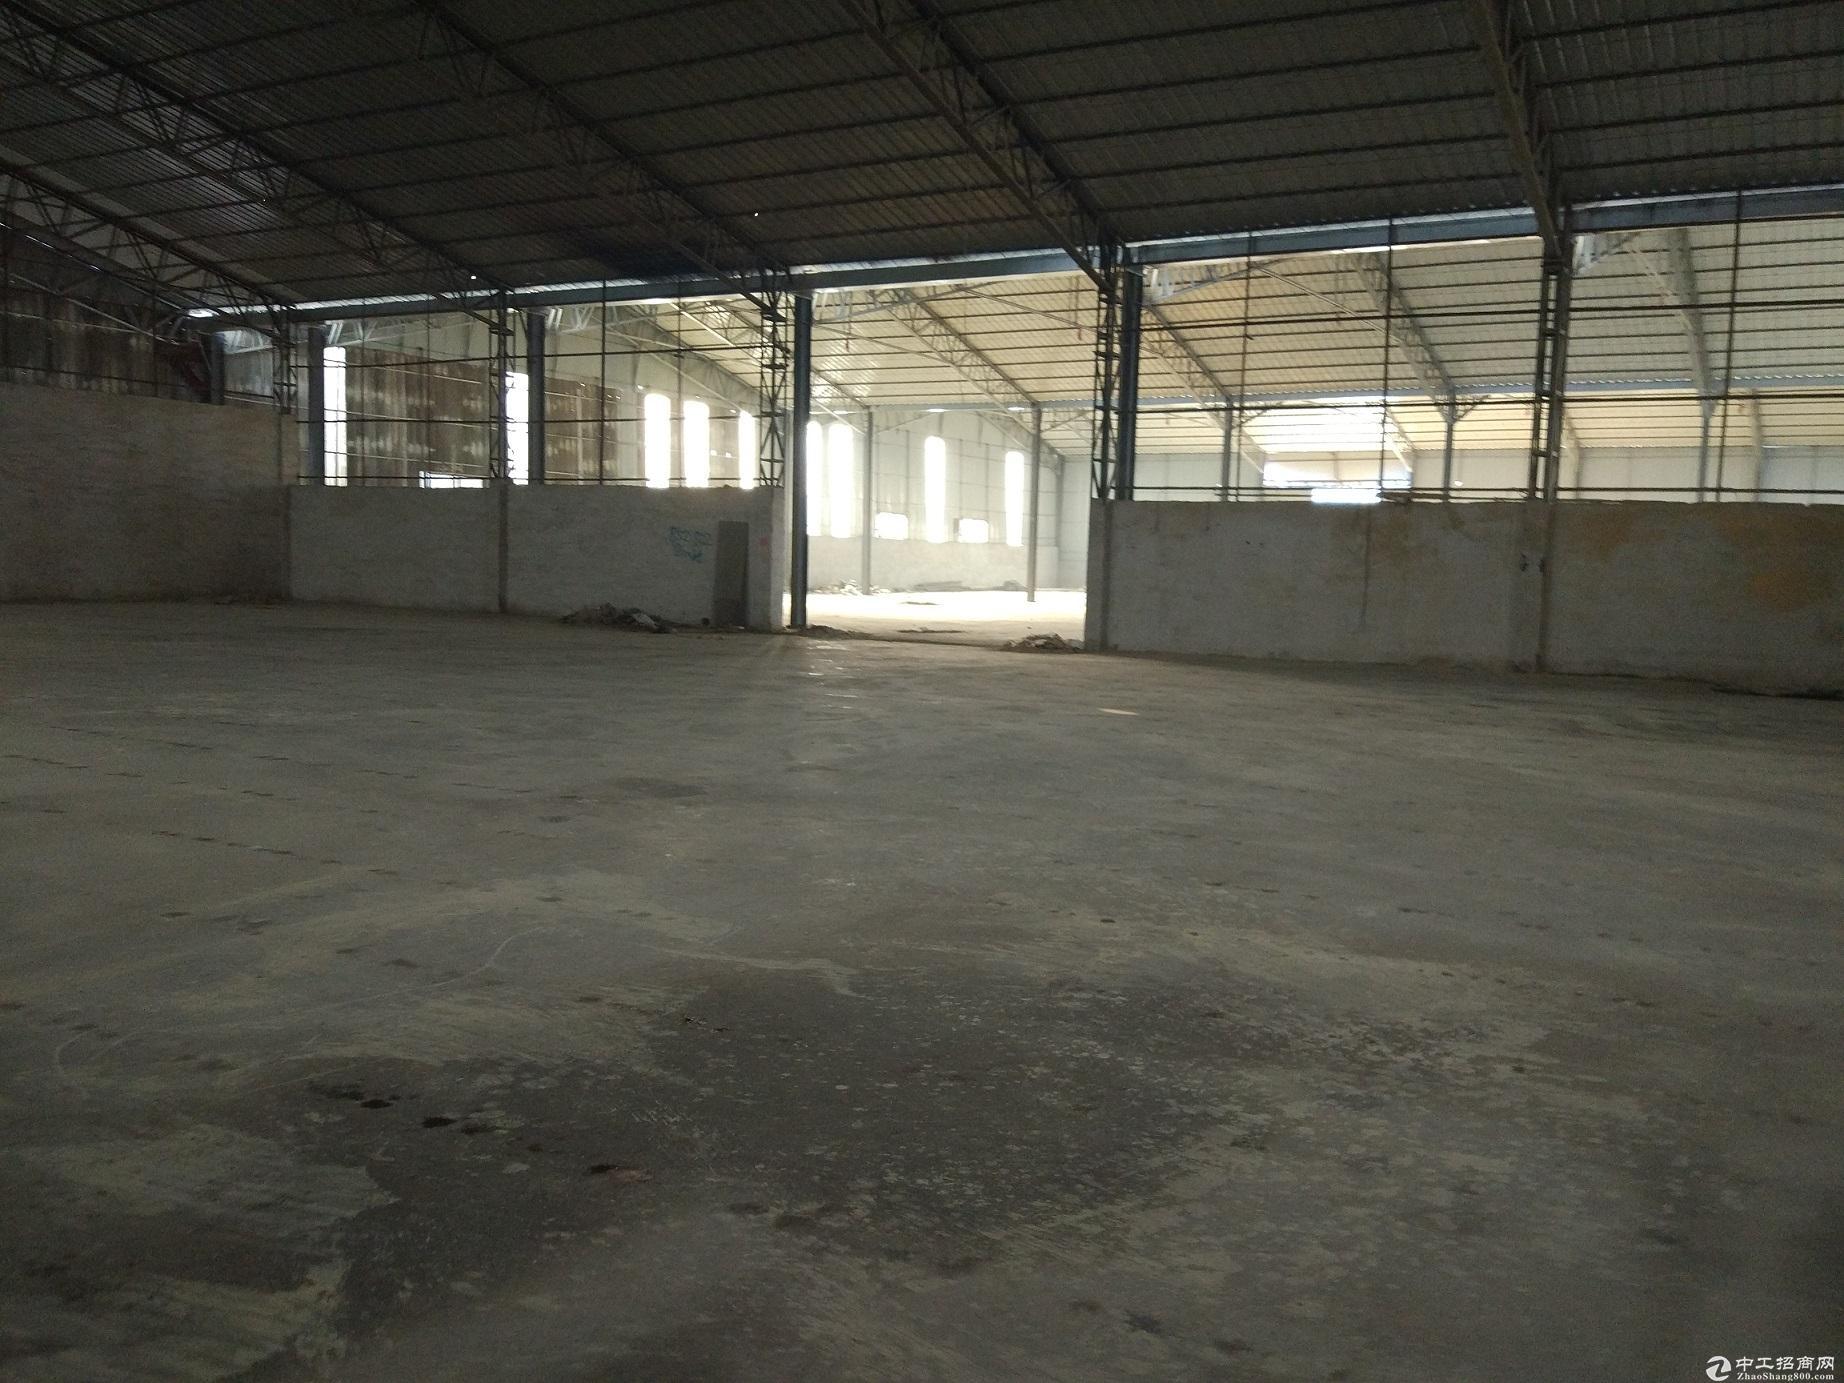 2019兰山区义堂镇2000-3000平米标准钢结构厂房出租-图3